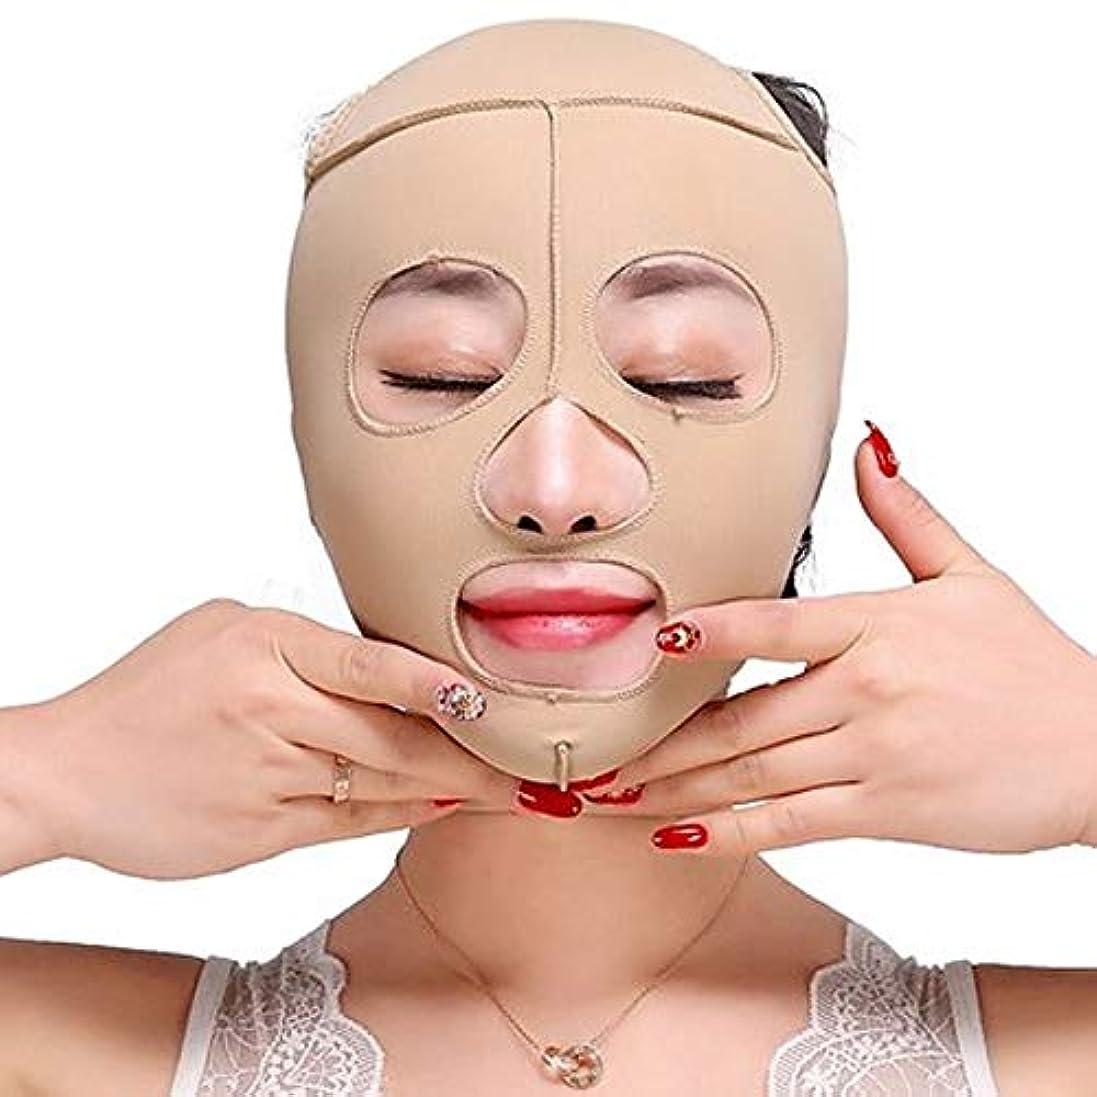 十分です冒険に賛成Jia Jia- フェイスリフティングアーティファクト睡眠薄い顔顔の顔薄い顔V顔マスク二重あご薄い顔包帯肌色 顔面包帯 (サイズ さいず : XL)